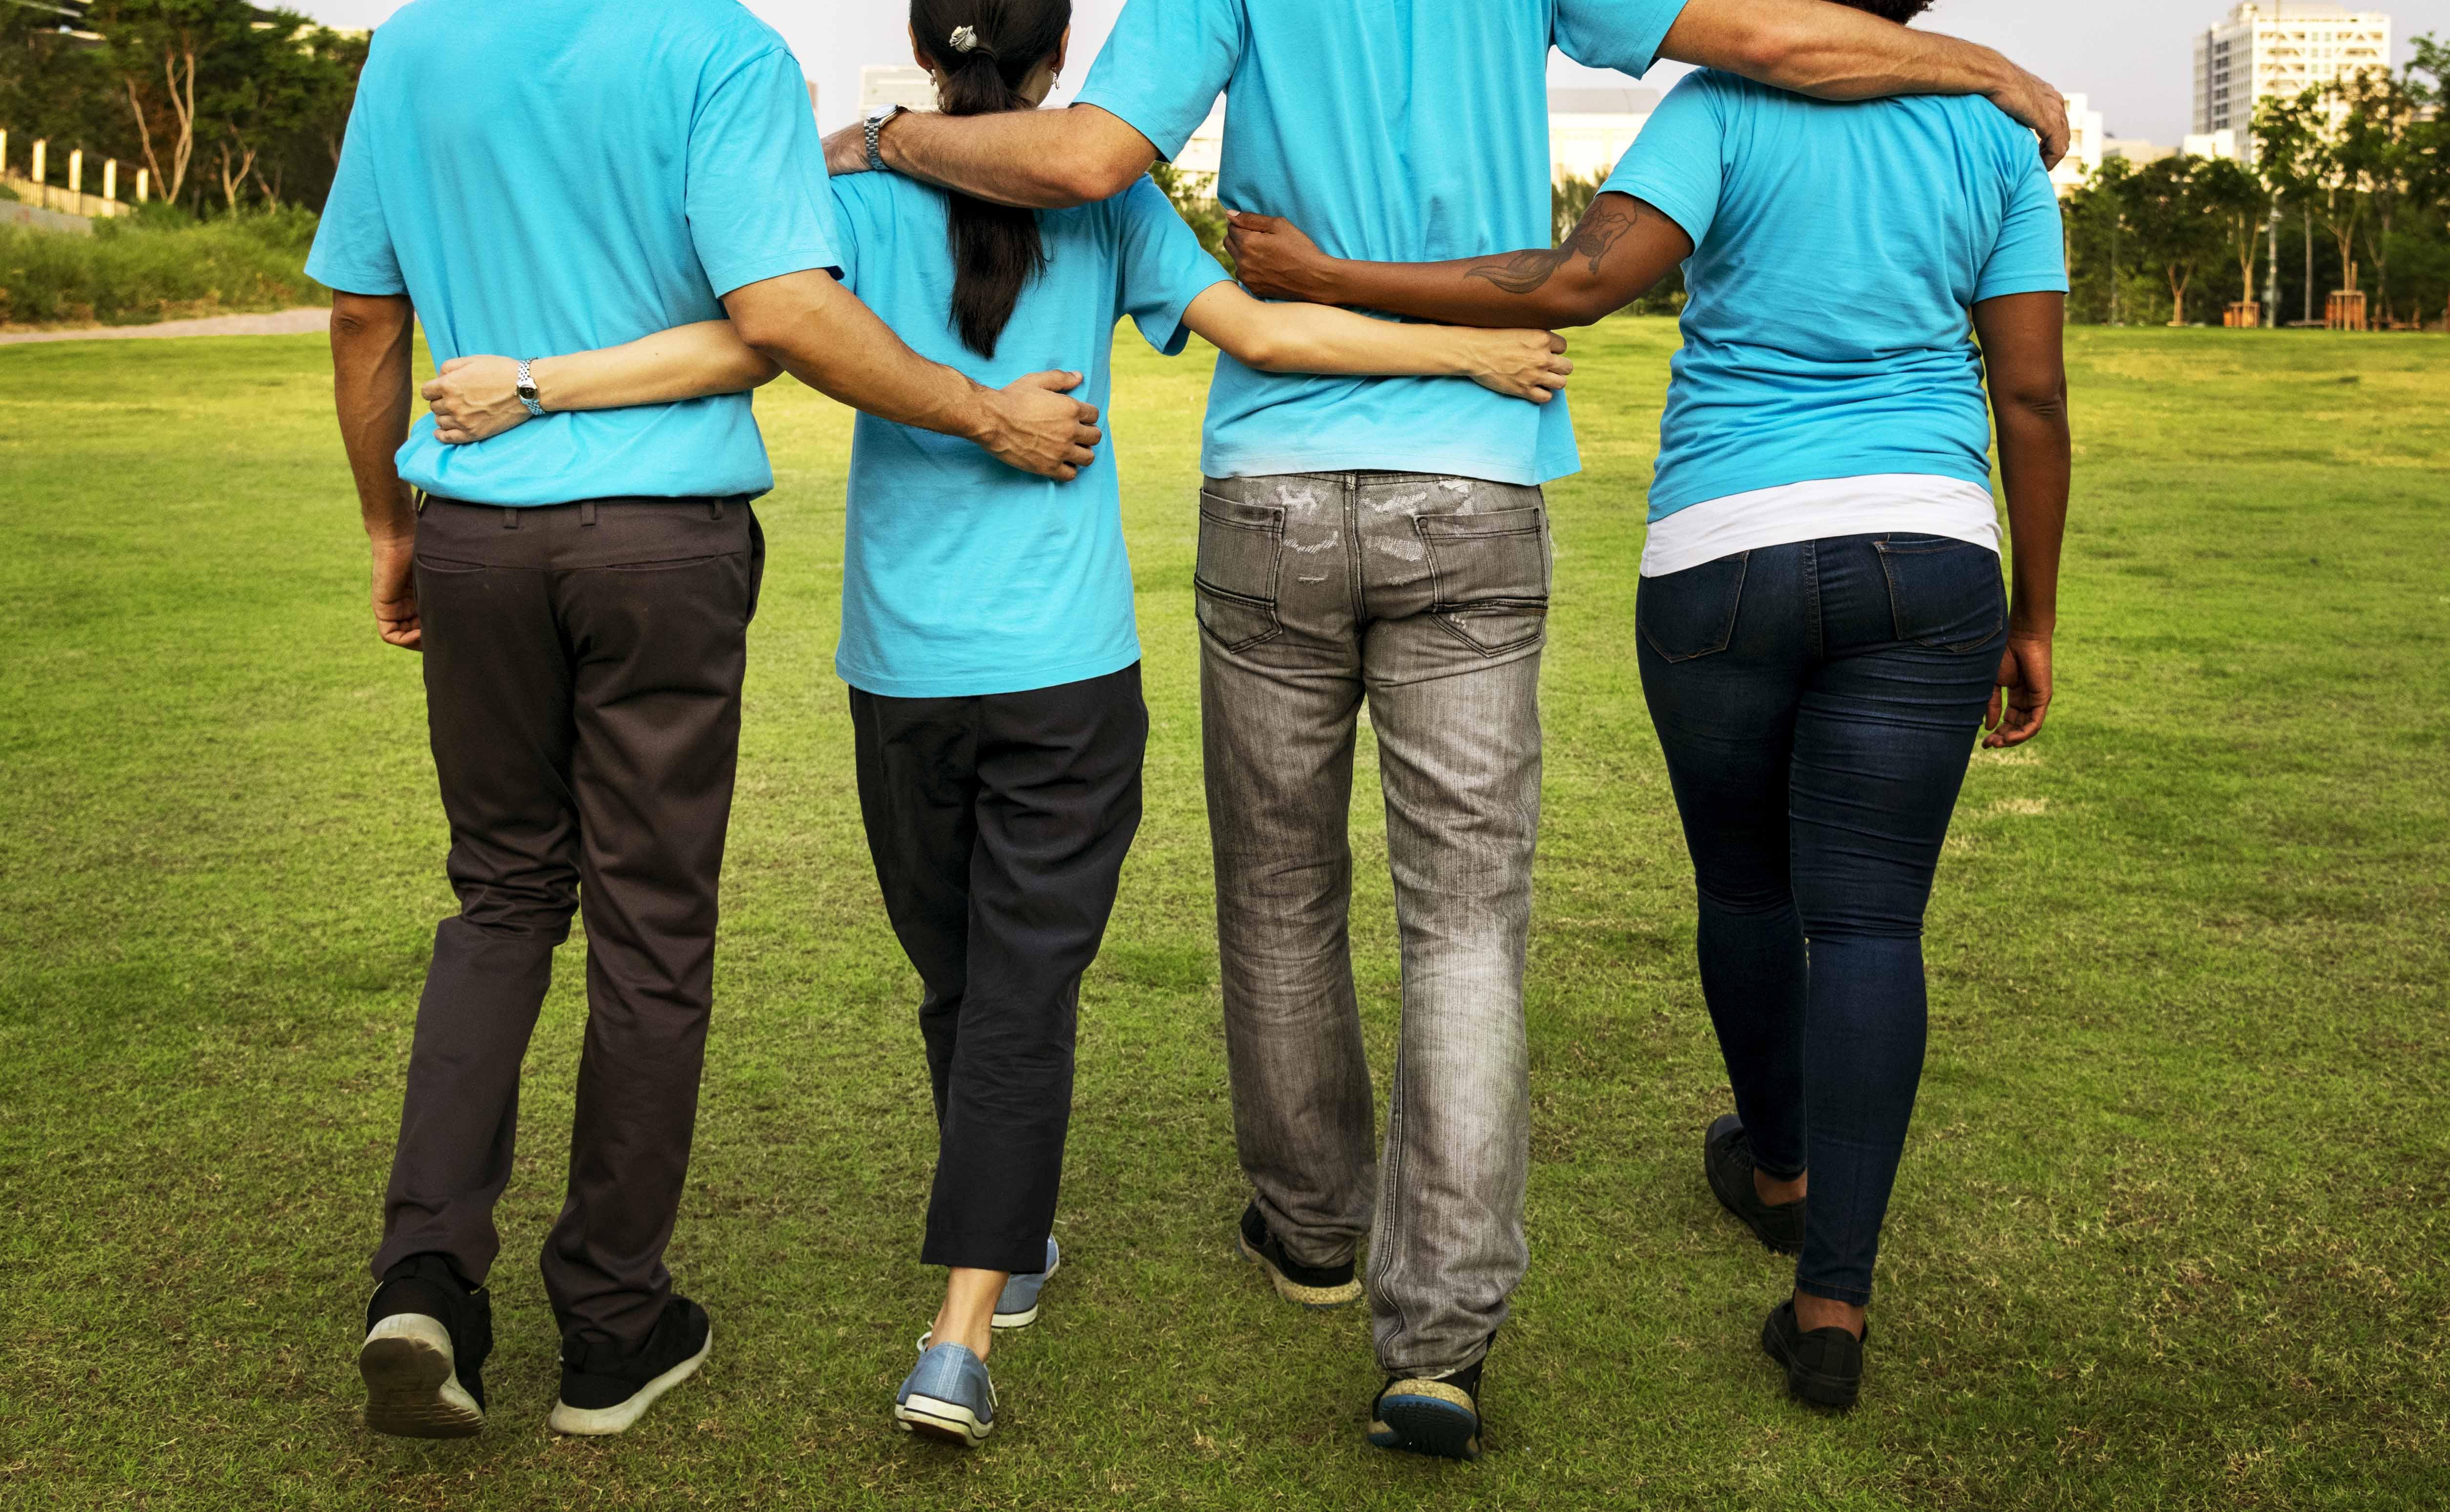 Dia Nacional do Voluntariado reacende interesse em ajudar o próximo